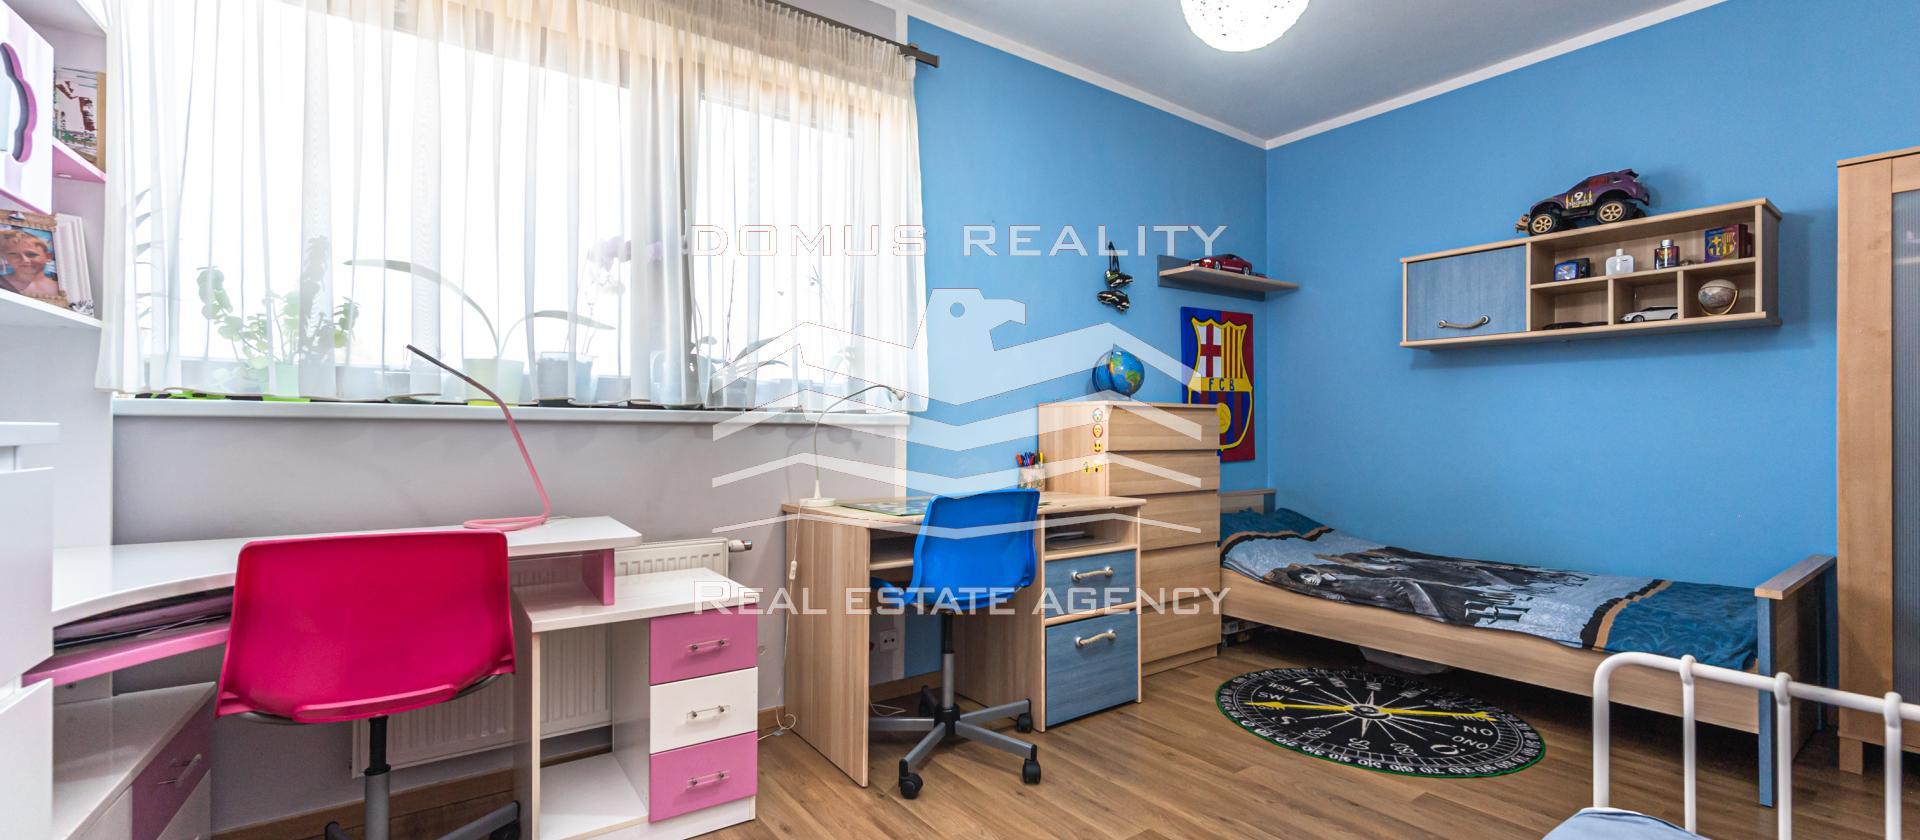 Dovolujeme si Vám nabídnout kompletně a nadstandardně vybavený a světlý byt o dispozici 3+kk, 97m2 velký s balkonem  a krásným výhledem v lukrativní lokalitě Prahy 9 Horní Počernice